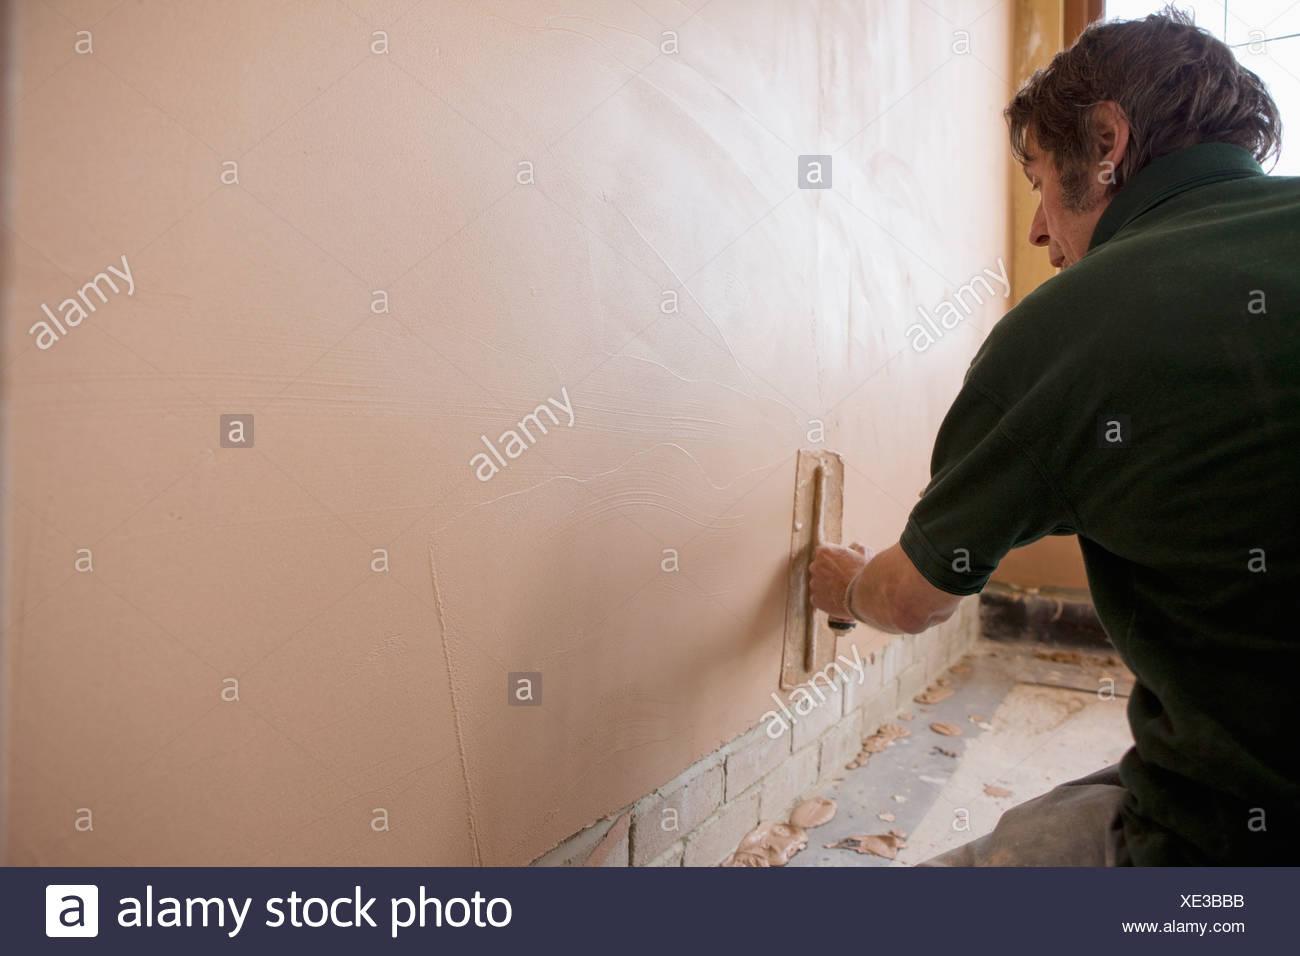 Man Verputzen Wand mit Kelle Stockfoto, Bild: 284045871 - Alamy